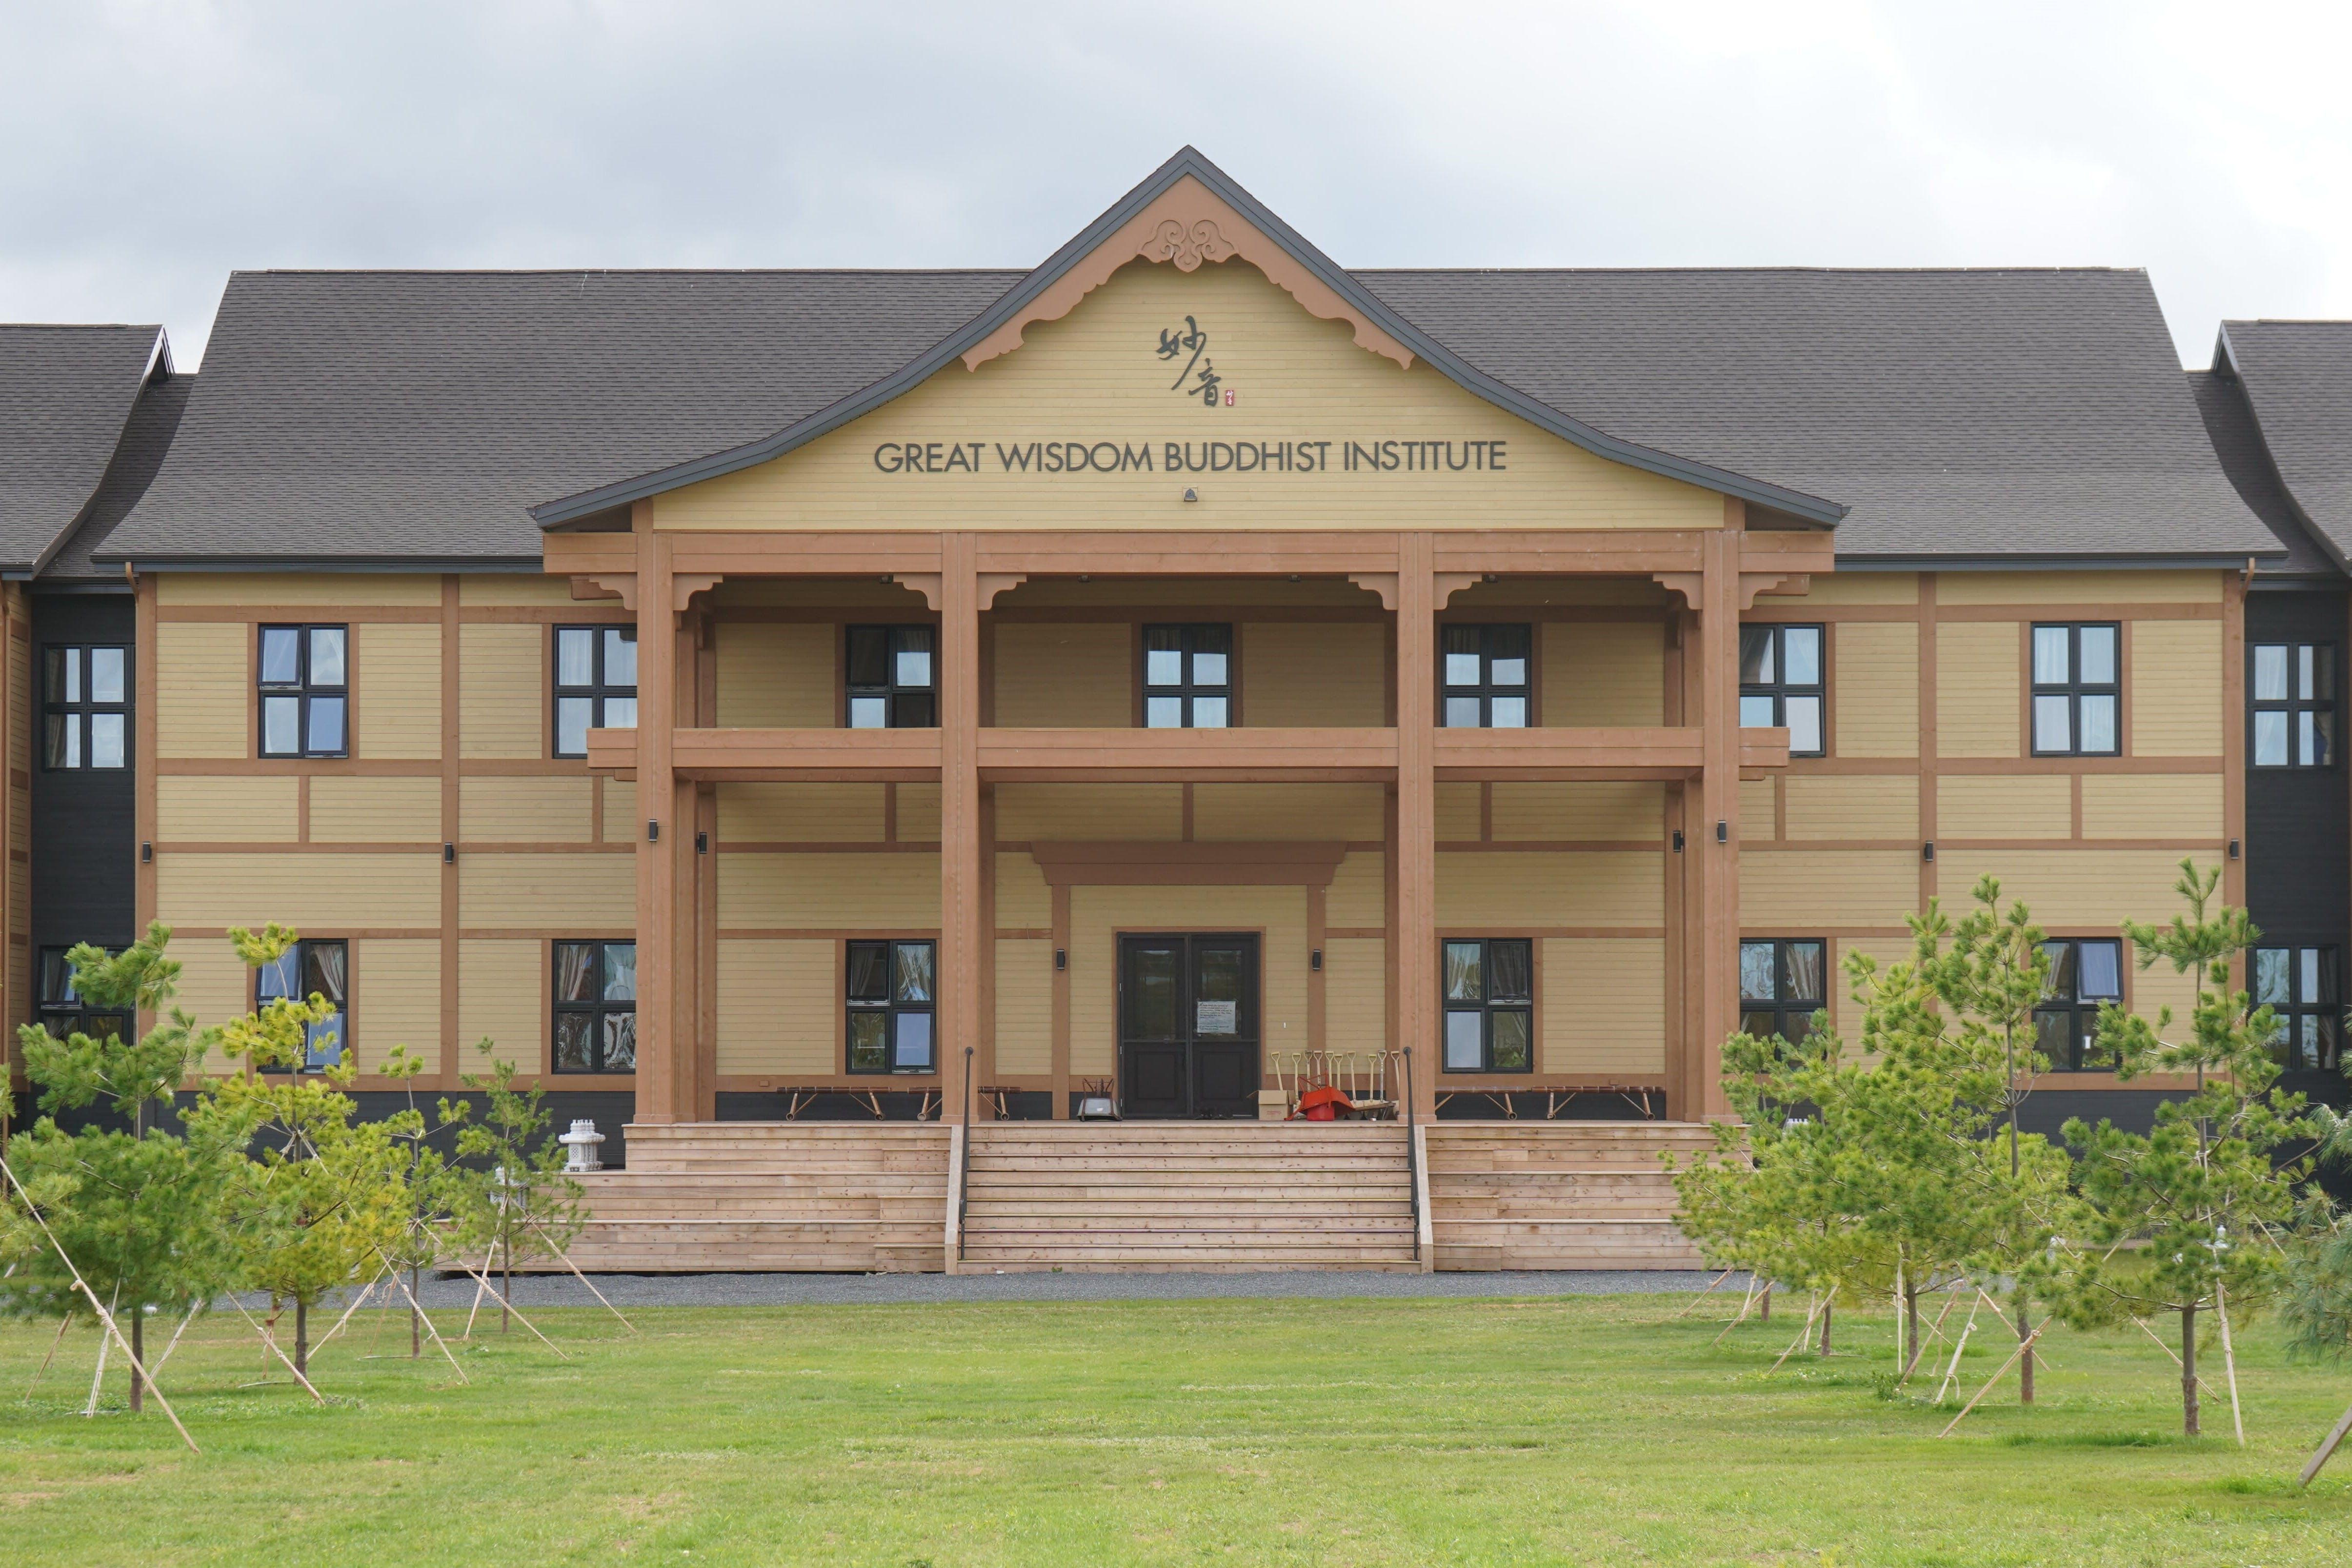 The Great Wisdom Buddhist Institute in Brudenell.